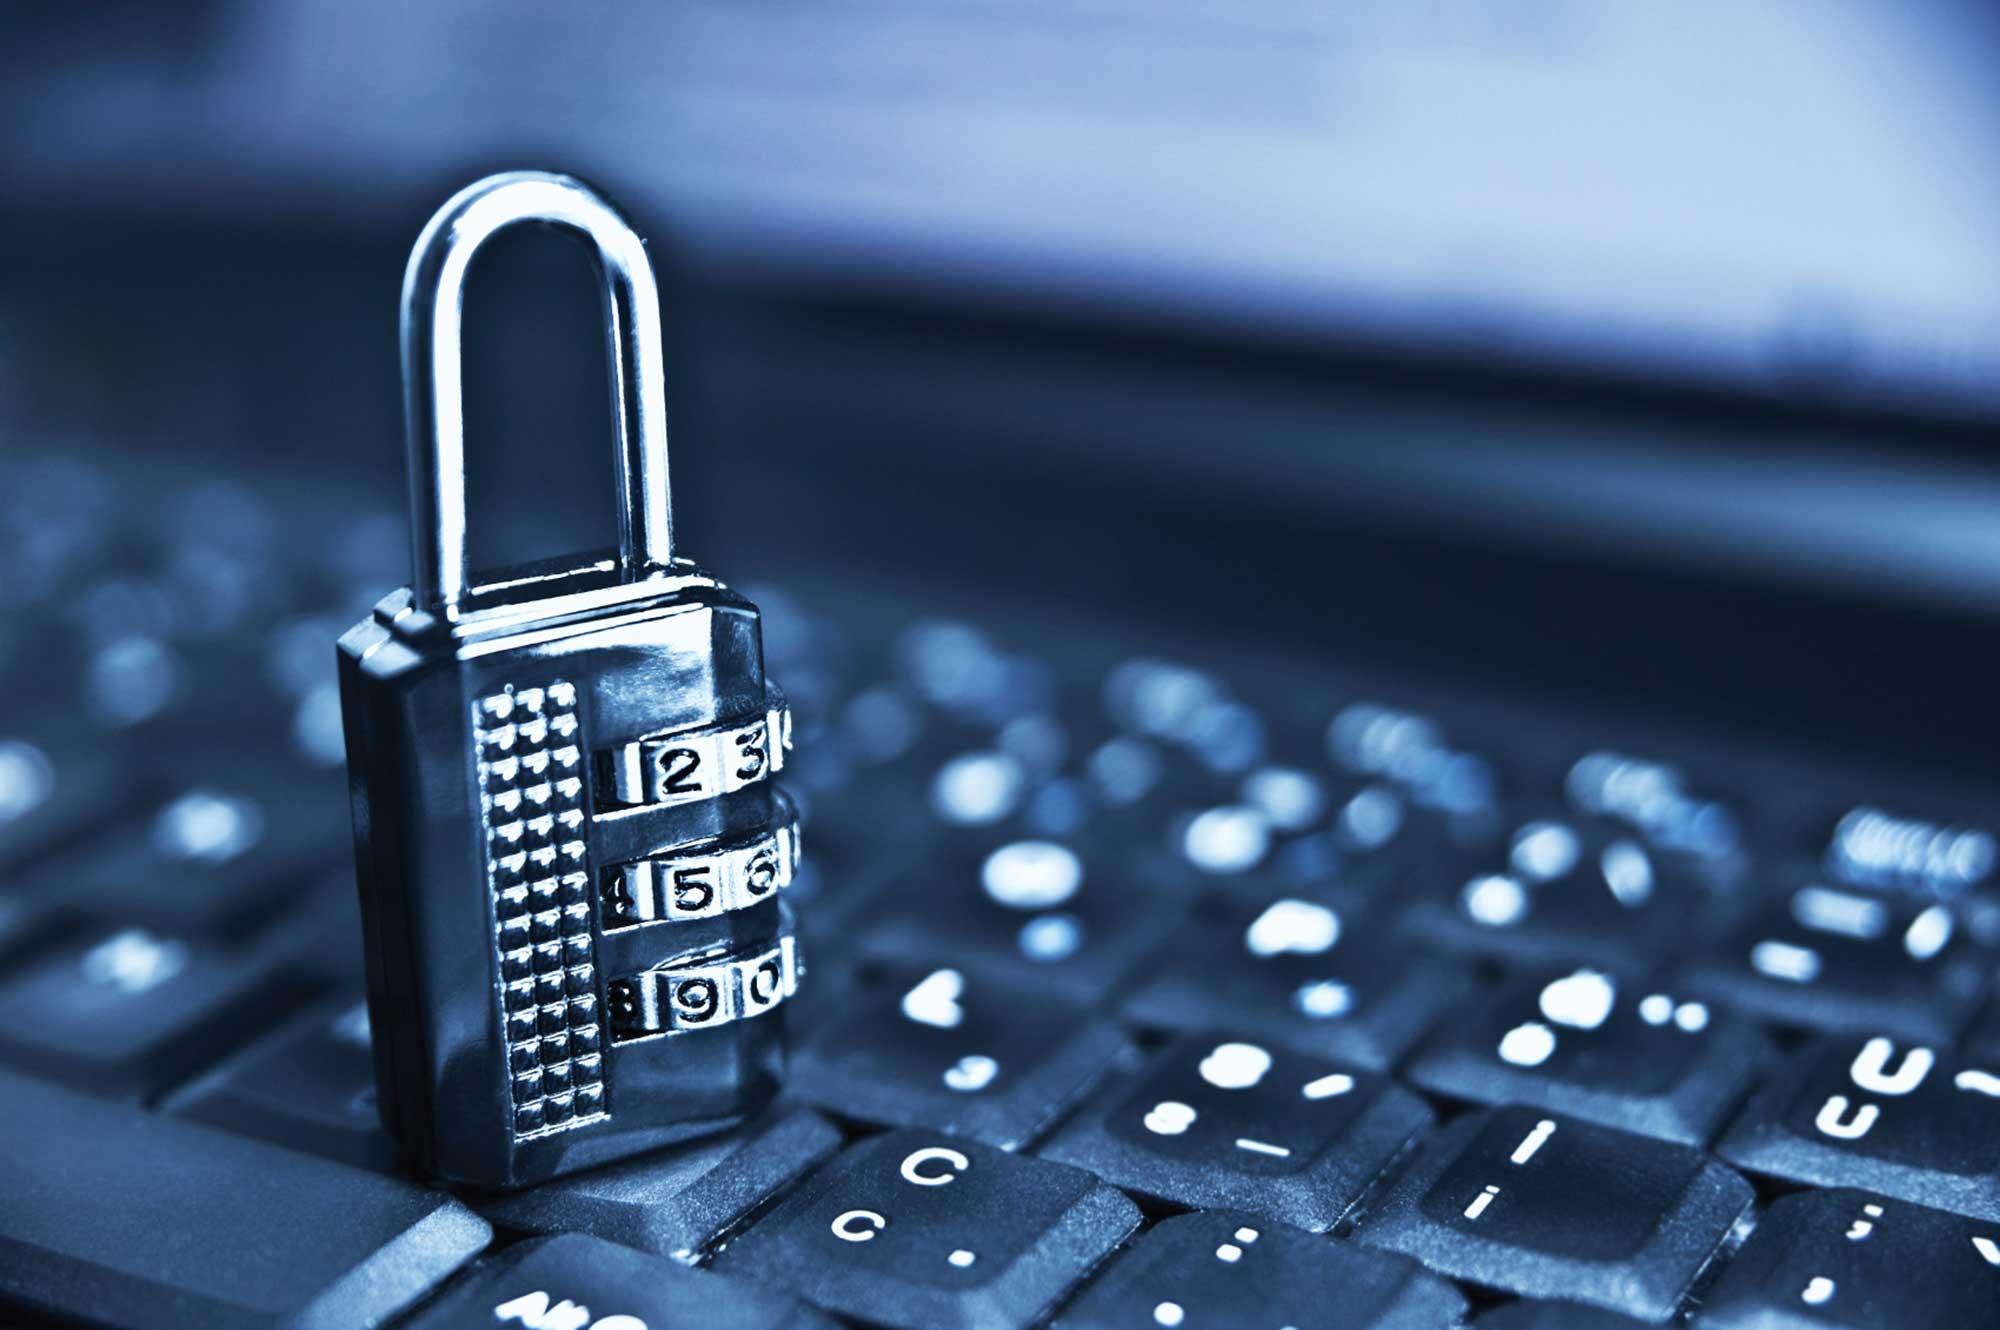 sicurezza-informatica-cyber-crime-imc